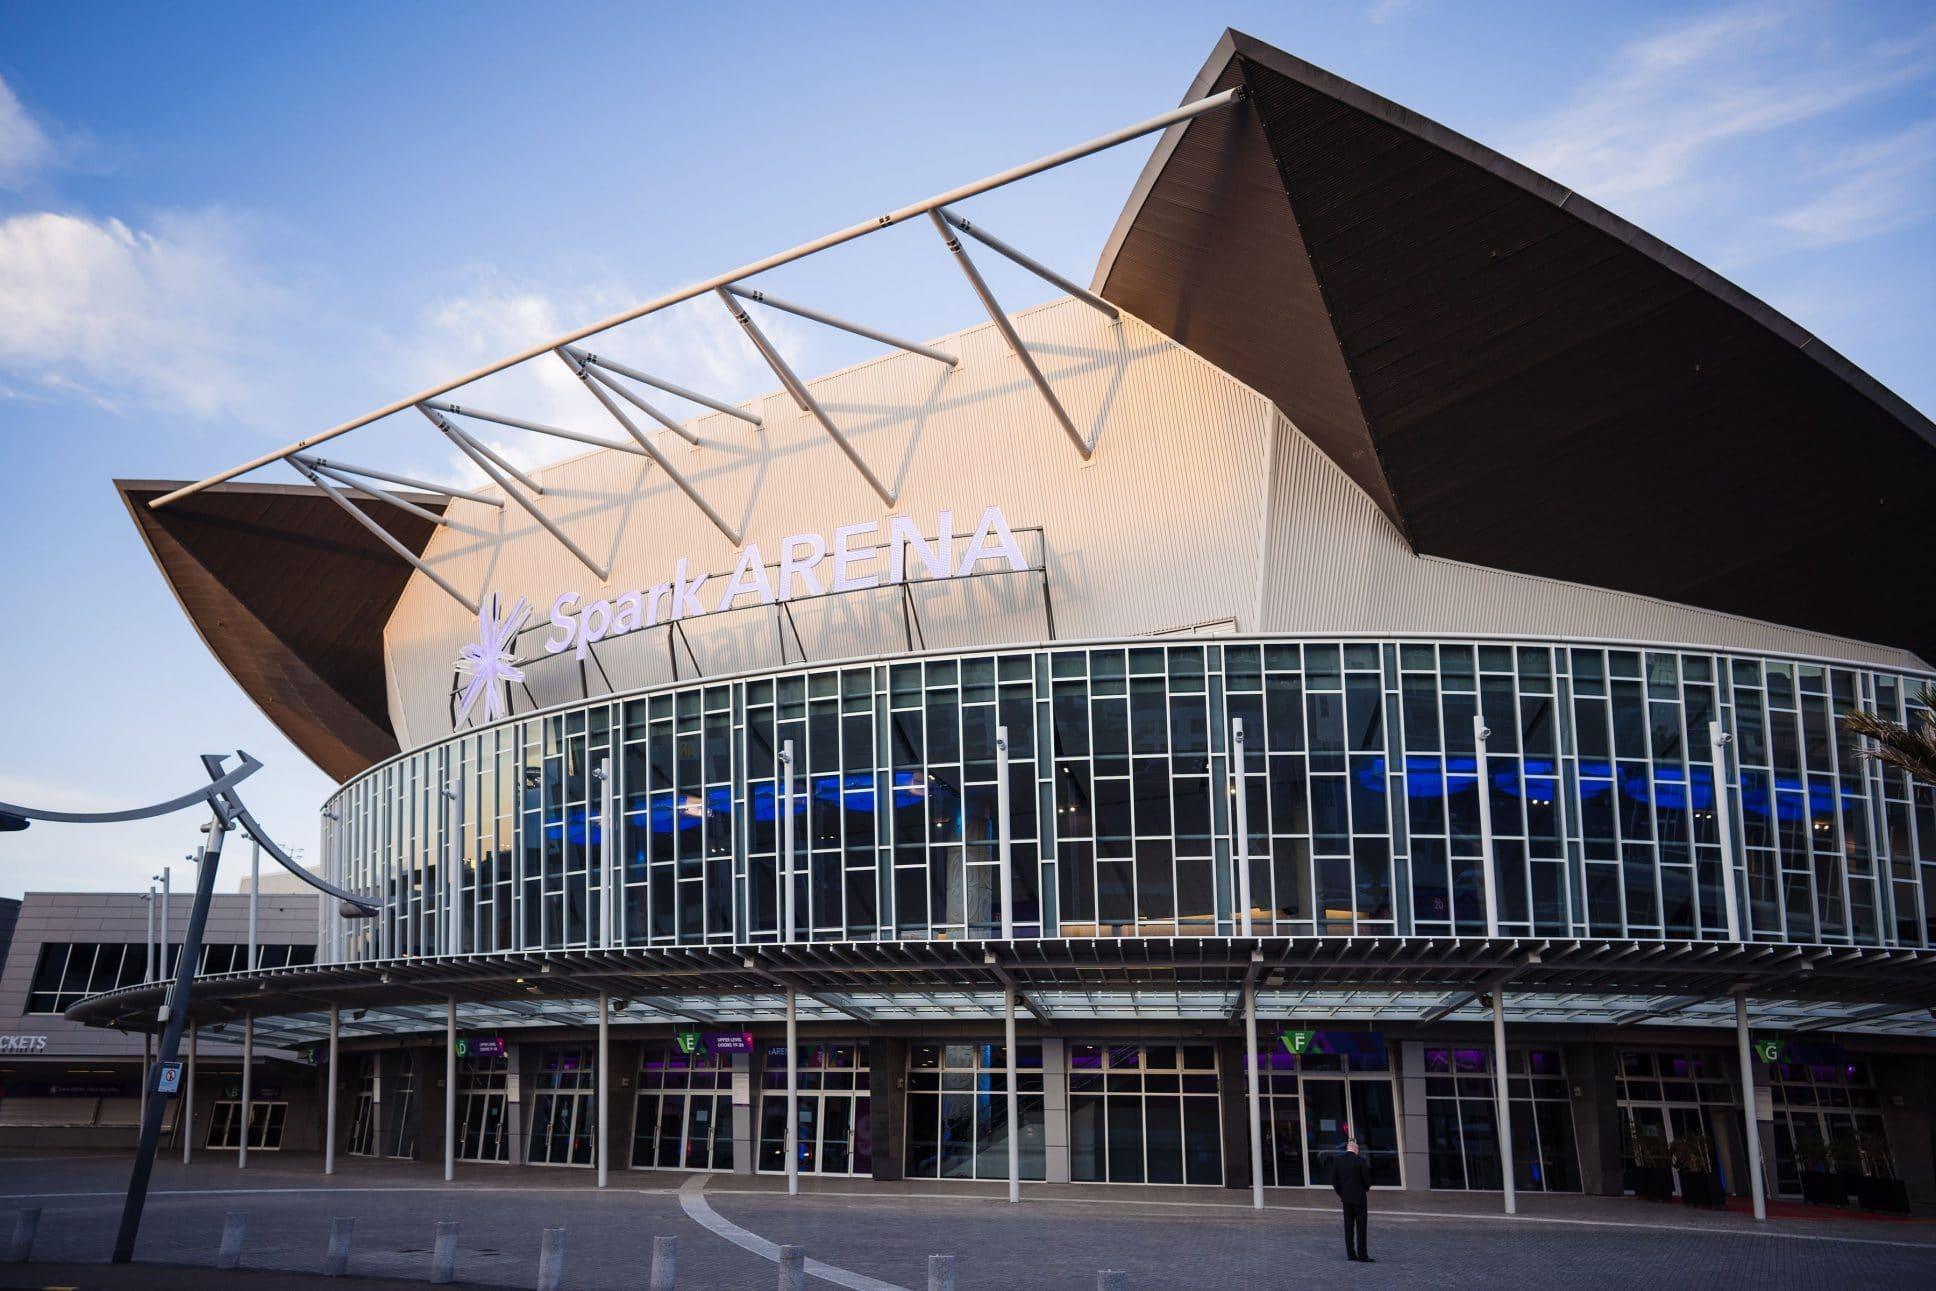 Auckland venue Spark Arena.